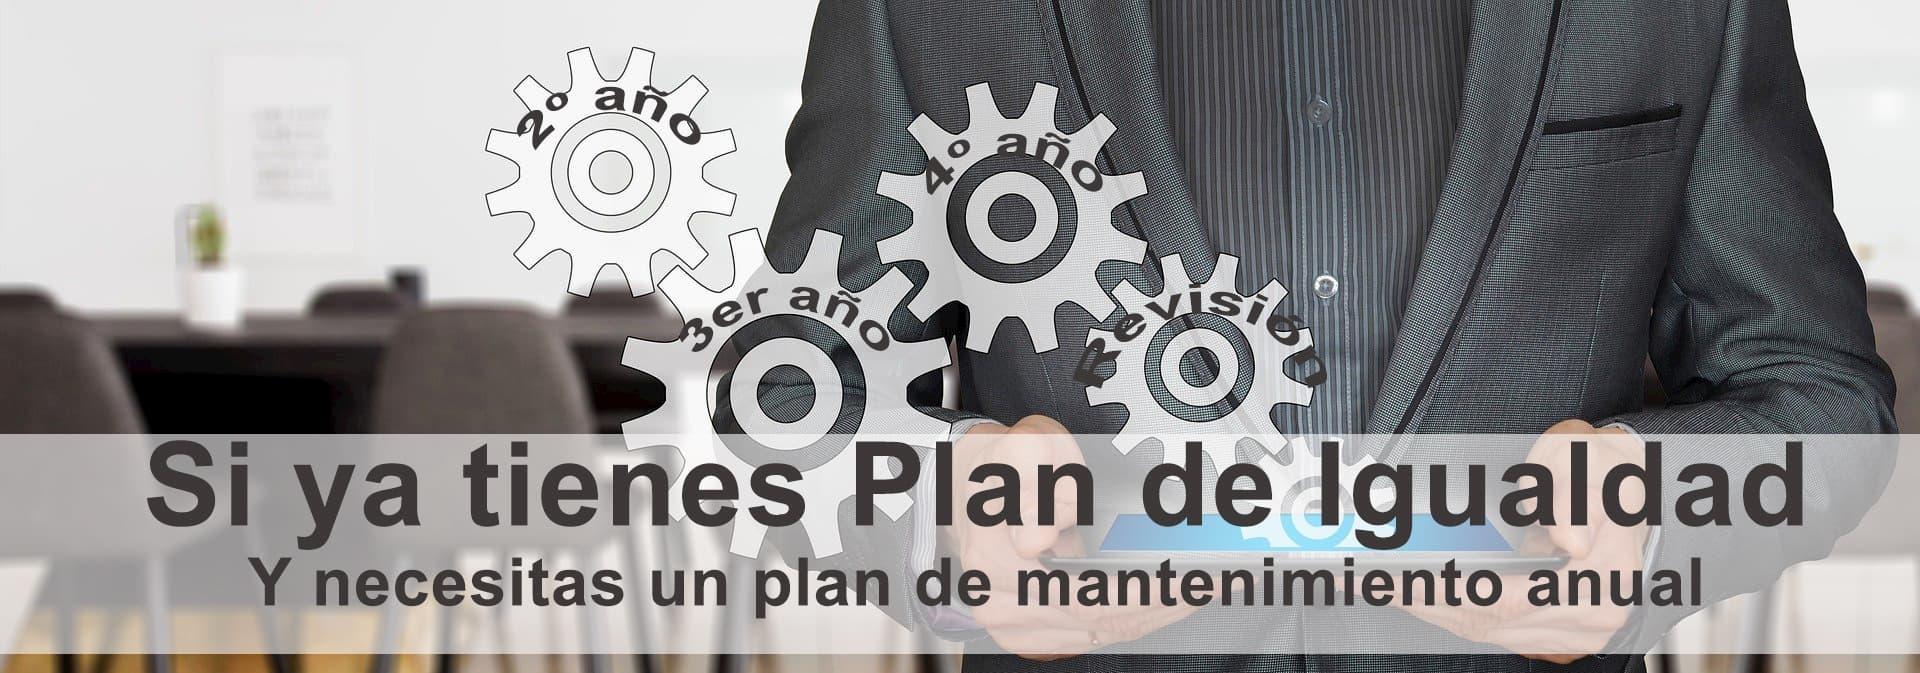 precio-plan-igualdad-mantenimiento-anual